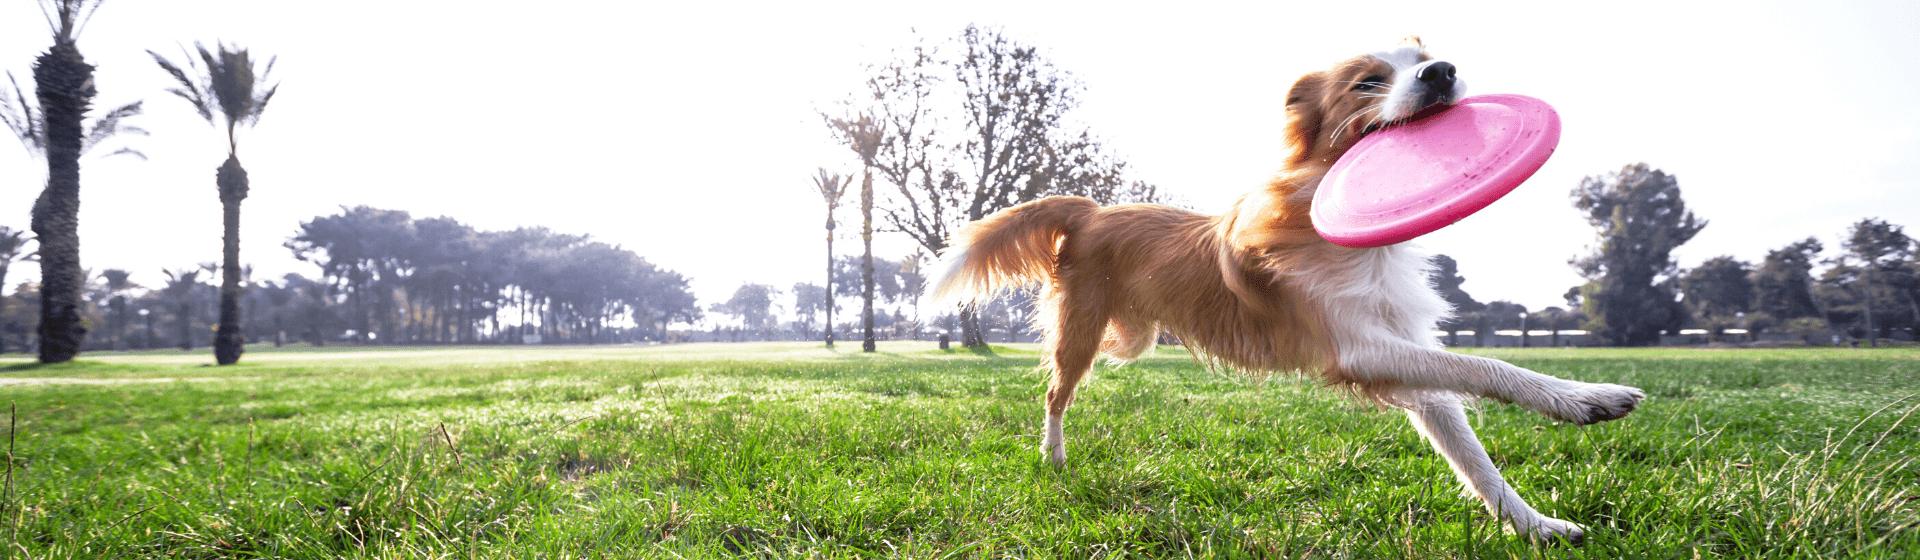 Brinquedo para cachorro hiperativo: confira as 10 melhores opções